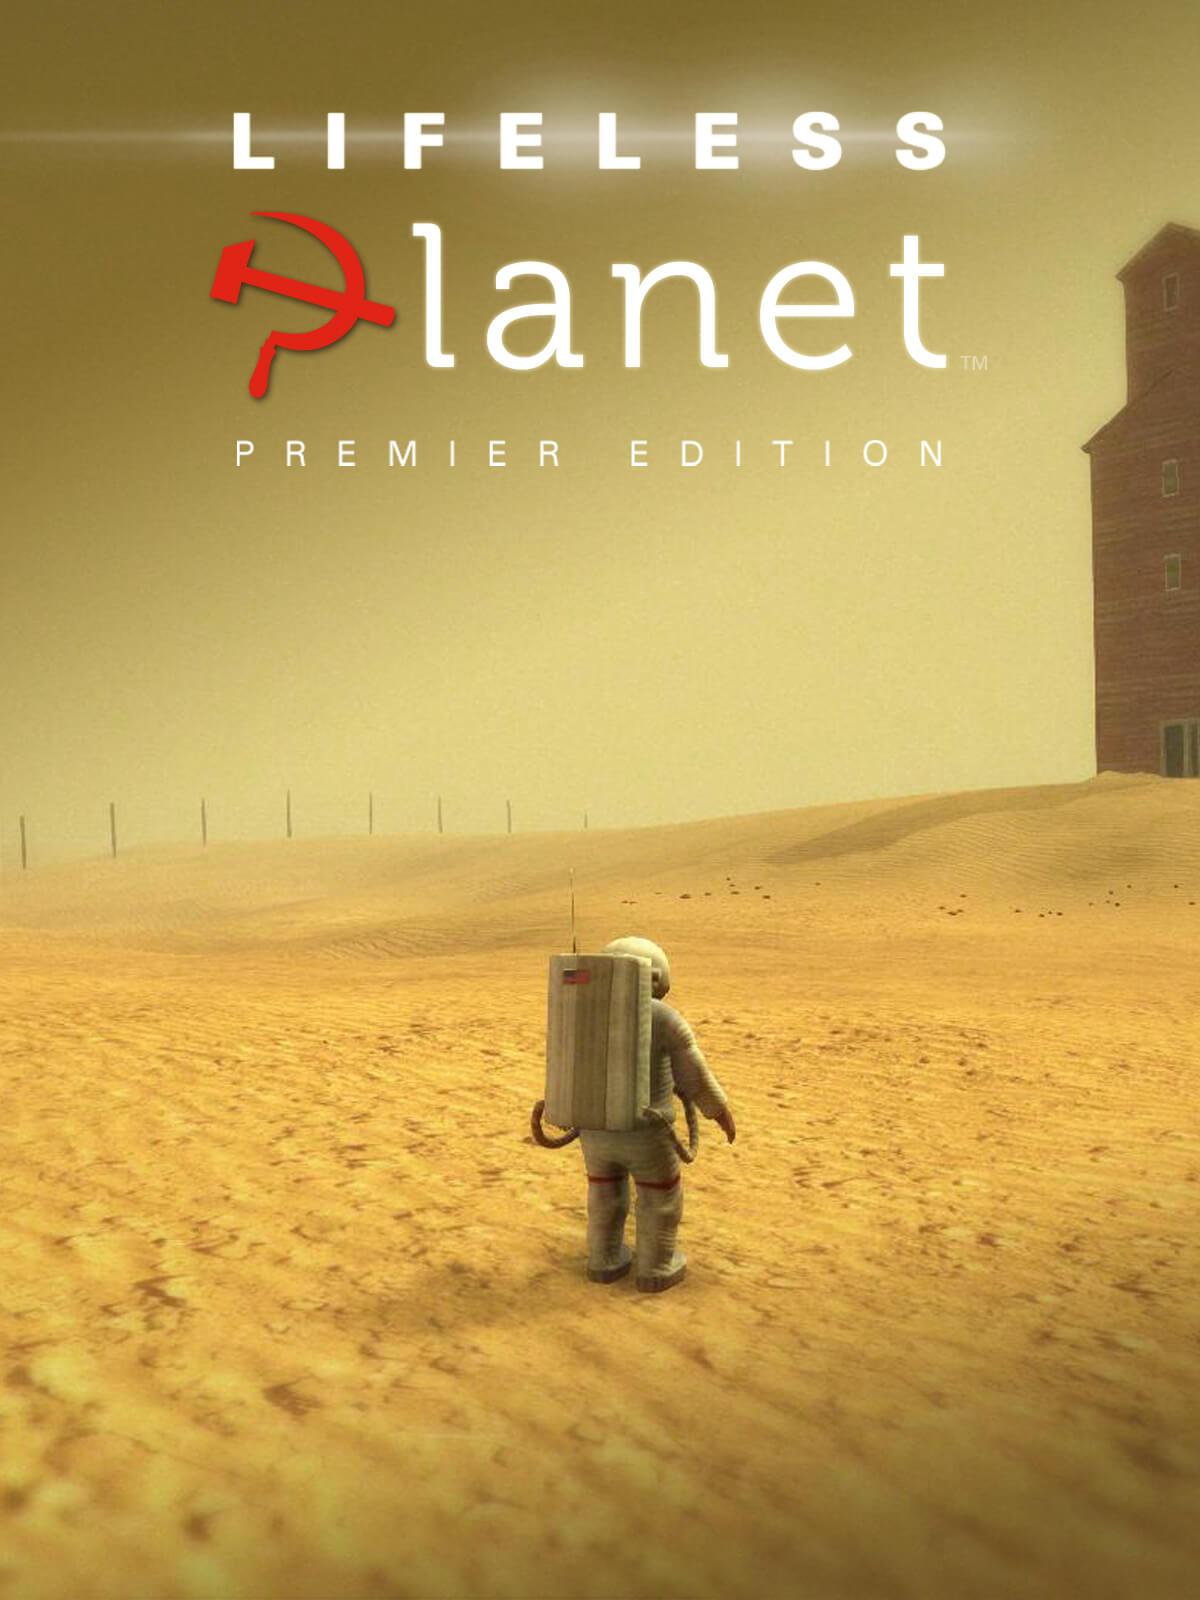 Lifeless Planet: Premier Edition za darmo w Epic Store od 09.07 do 16.07.